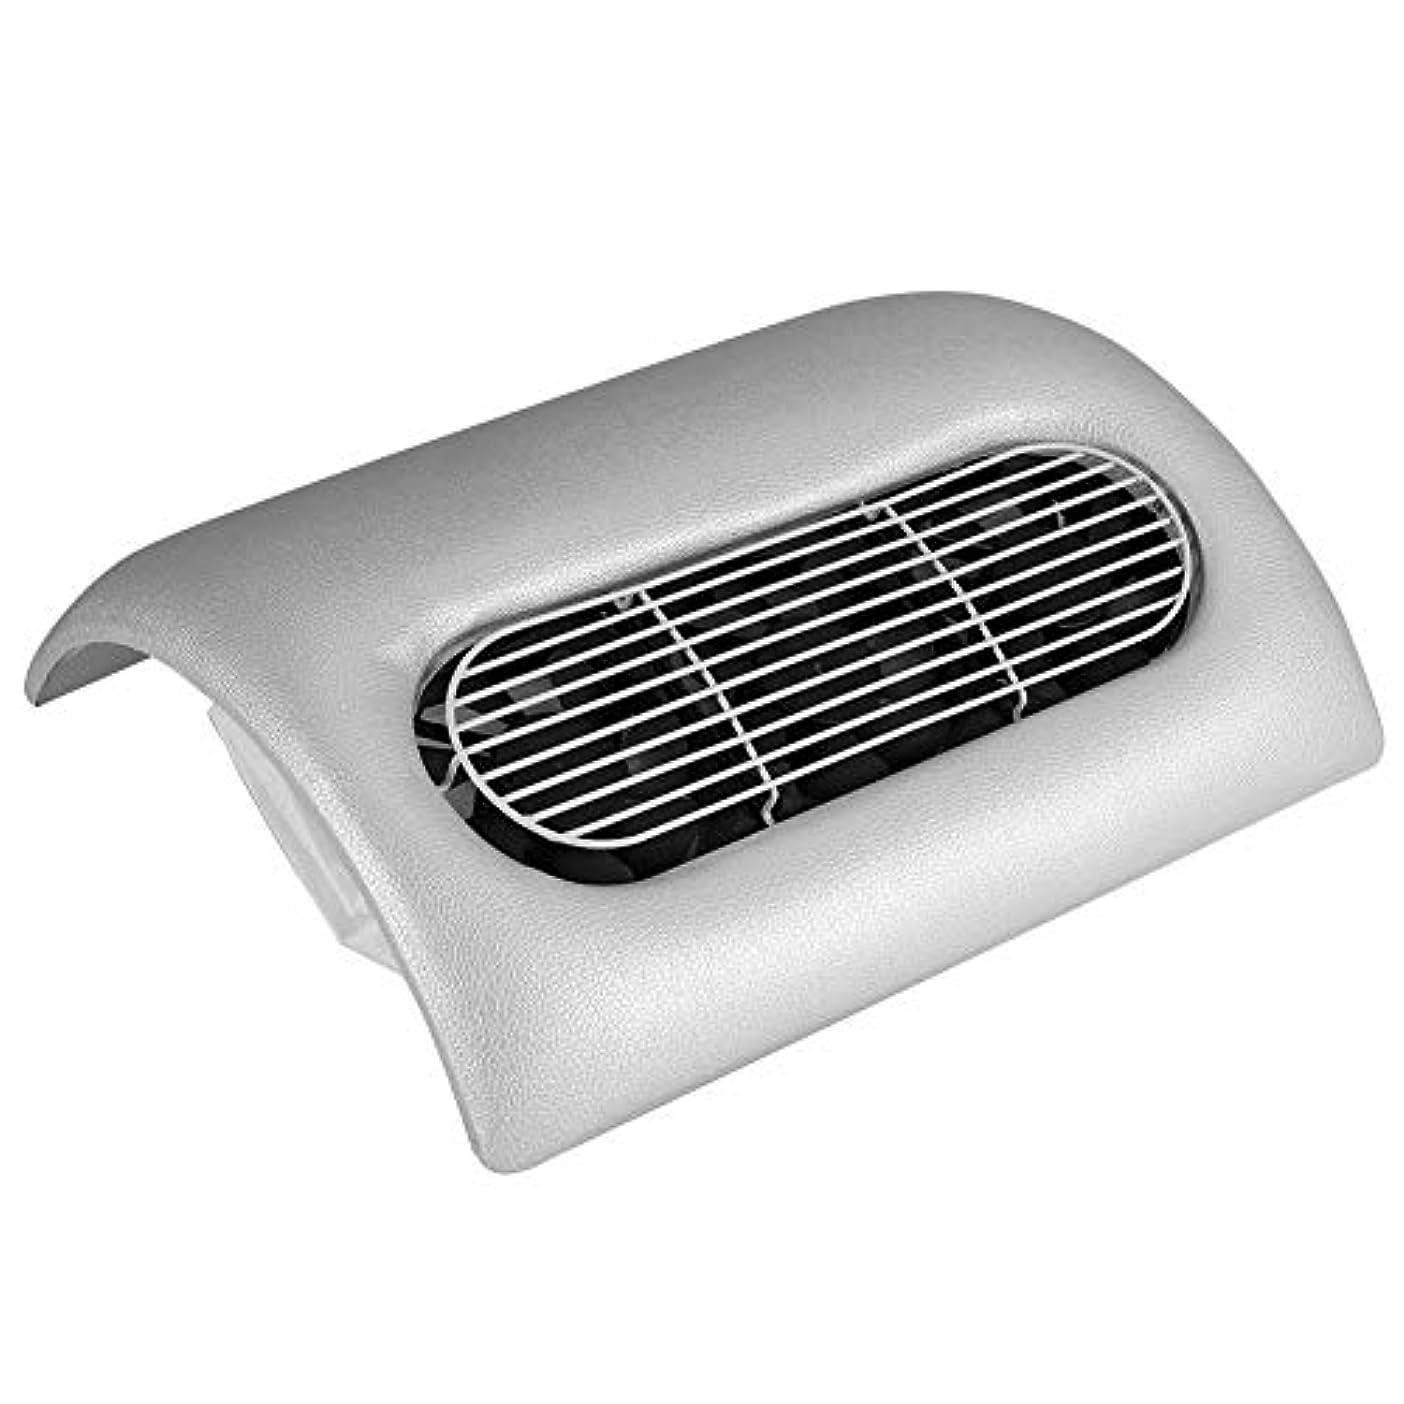 どれでも日骨ネイルダスト掃除機,ネイルダストクリーナー3色ー2-IN-1強力なネイルアート集塵機コレクターマニキュア掃除機 (Silver)